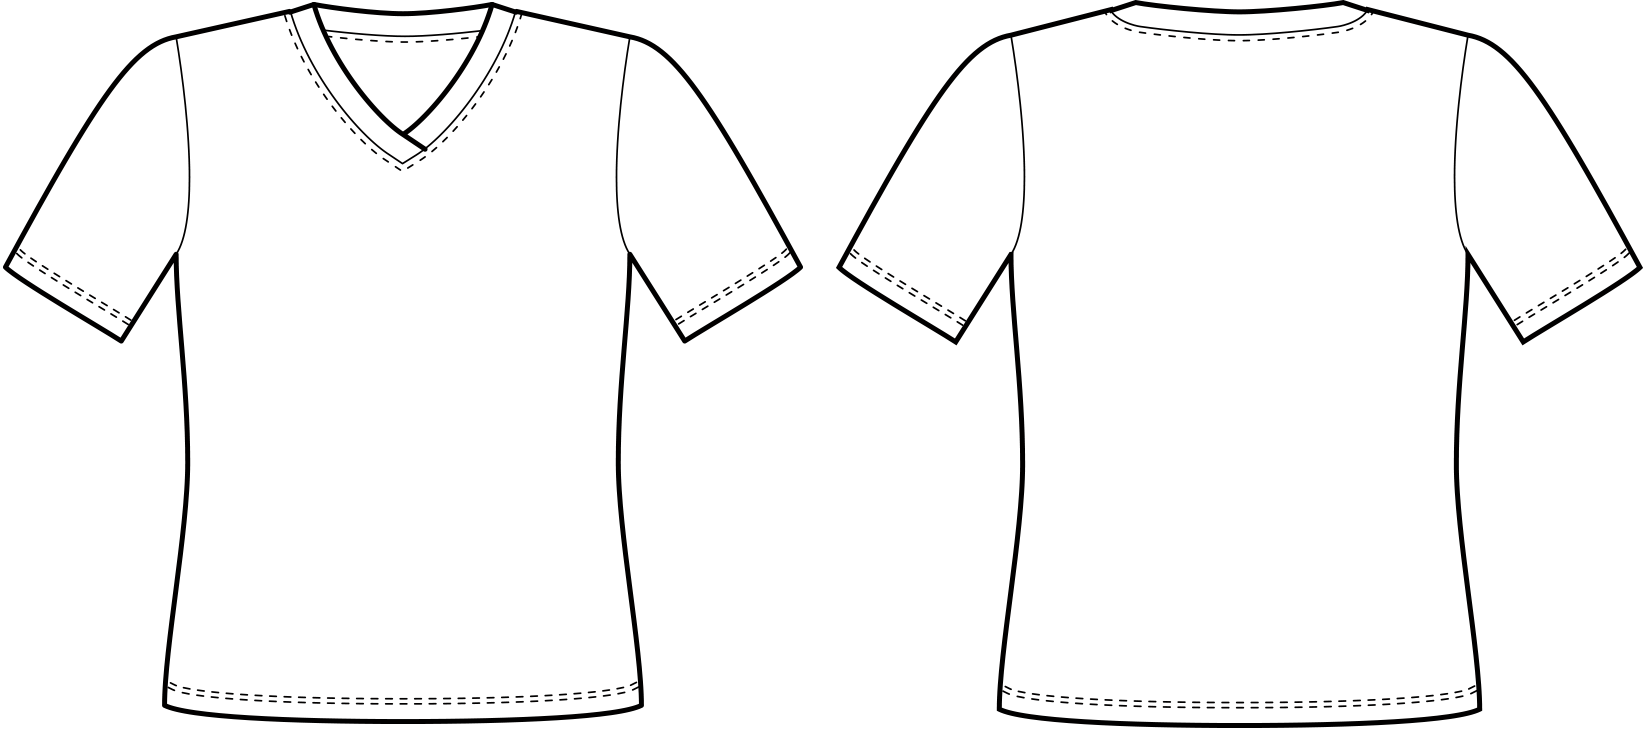 Vorder- und Rückansicht der technische Zeichnung eines T-Shirts